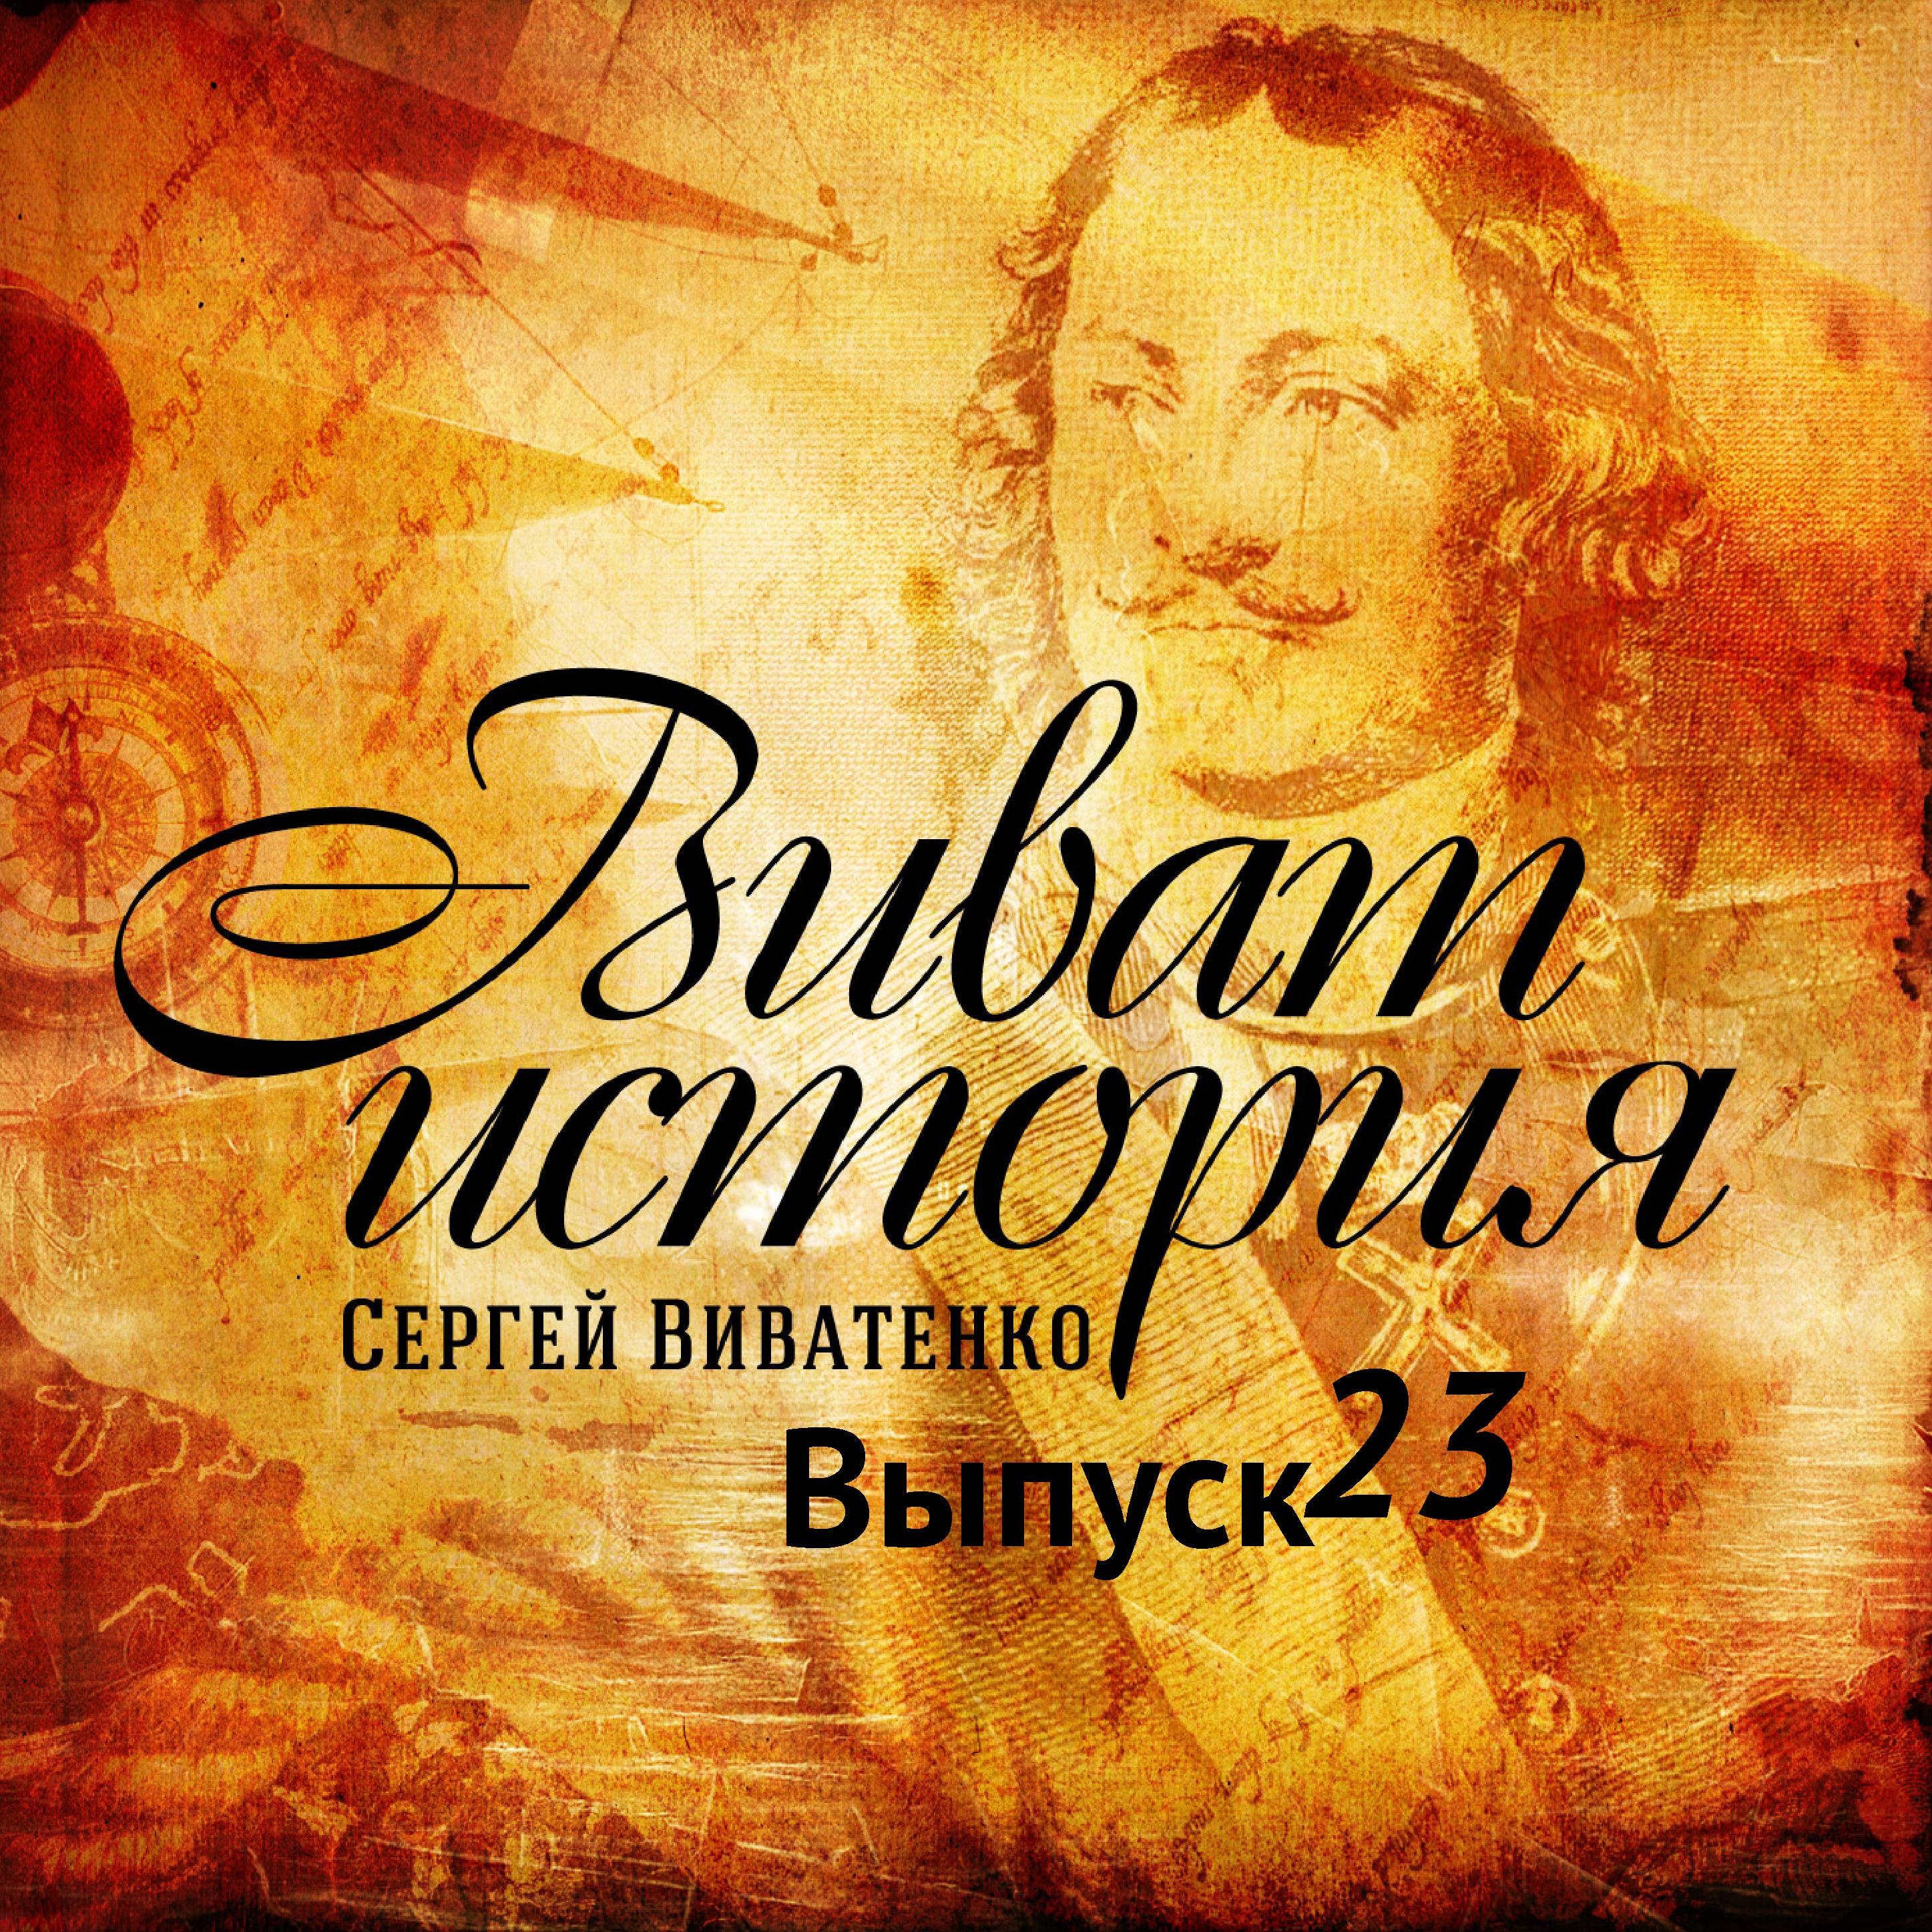 Сергей Виватенко Царские невесты 15-17 веков